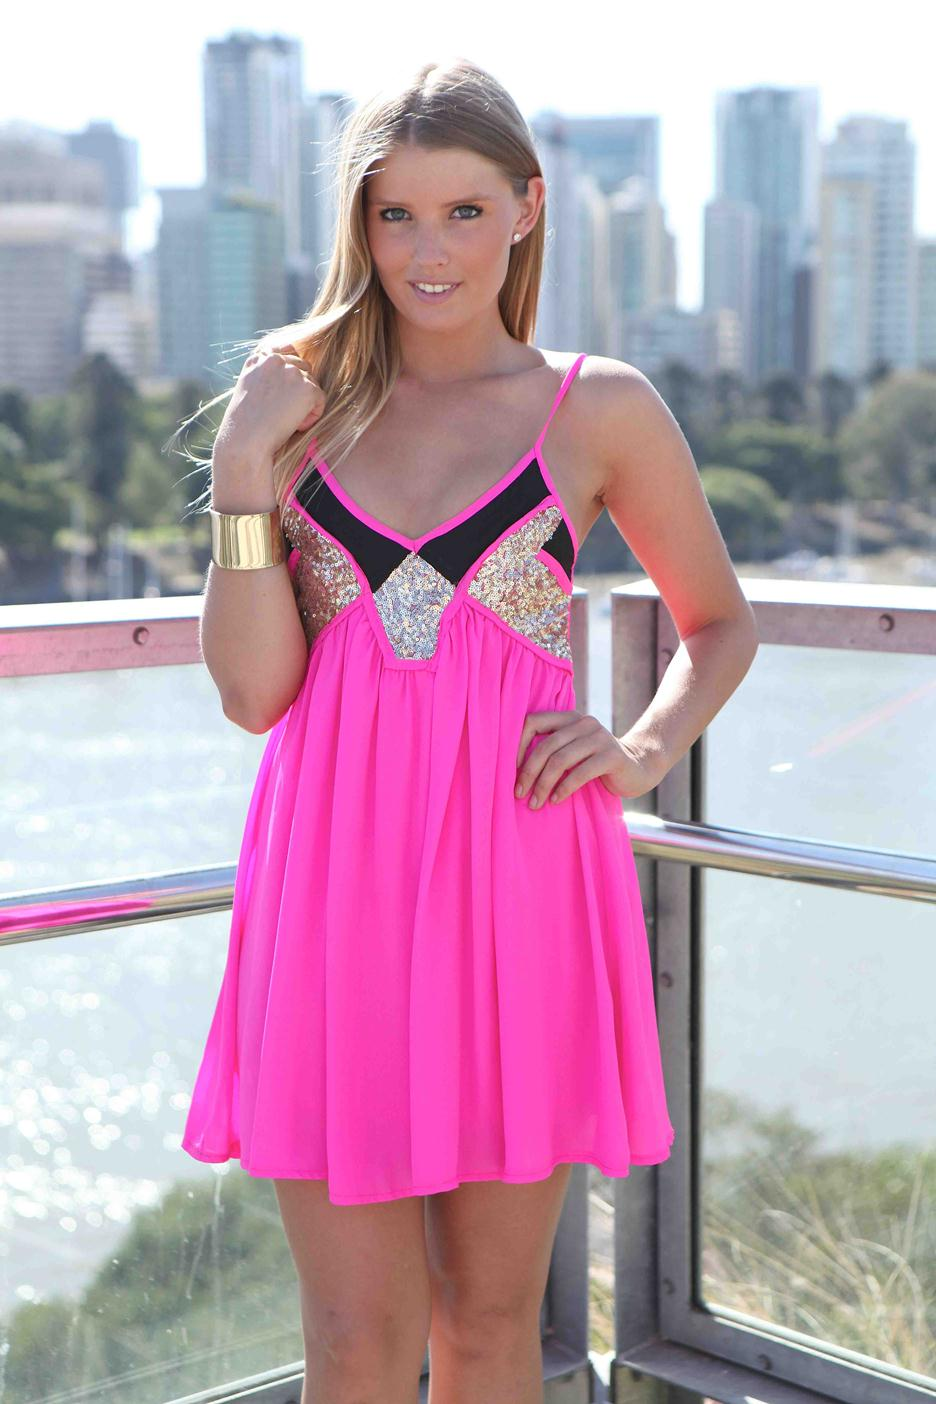 Pink Sequin Dress - Pink & Black Sequin Embellished   UsTrendy